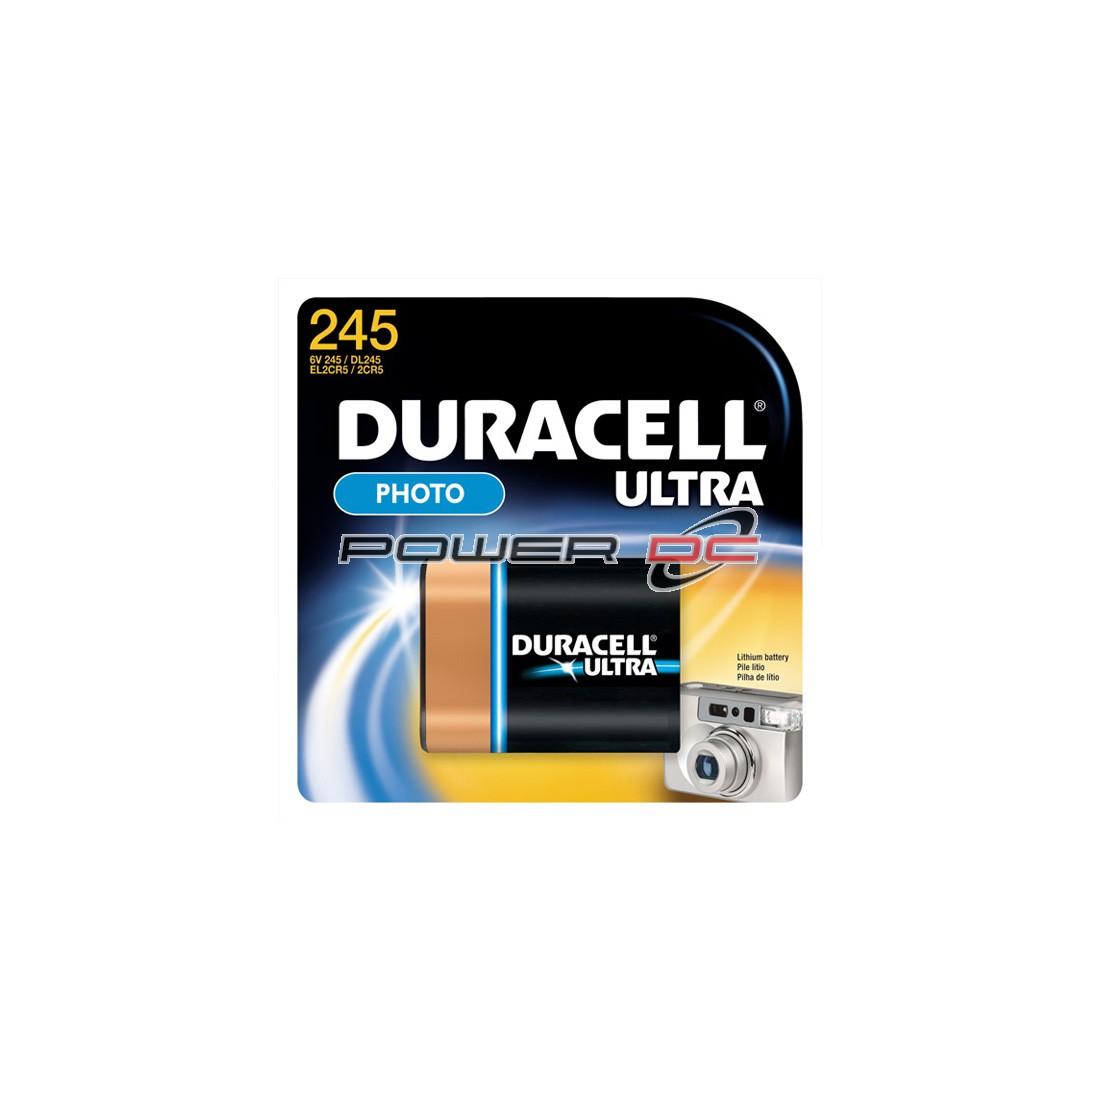 DURACELL XL 245 6V LITHIUM